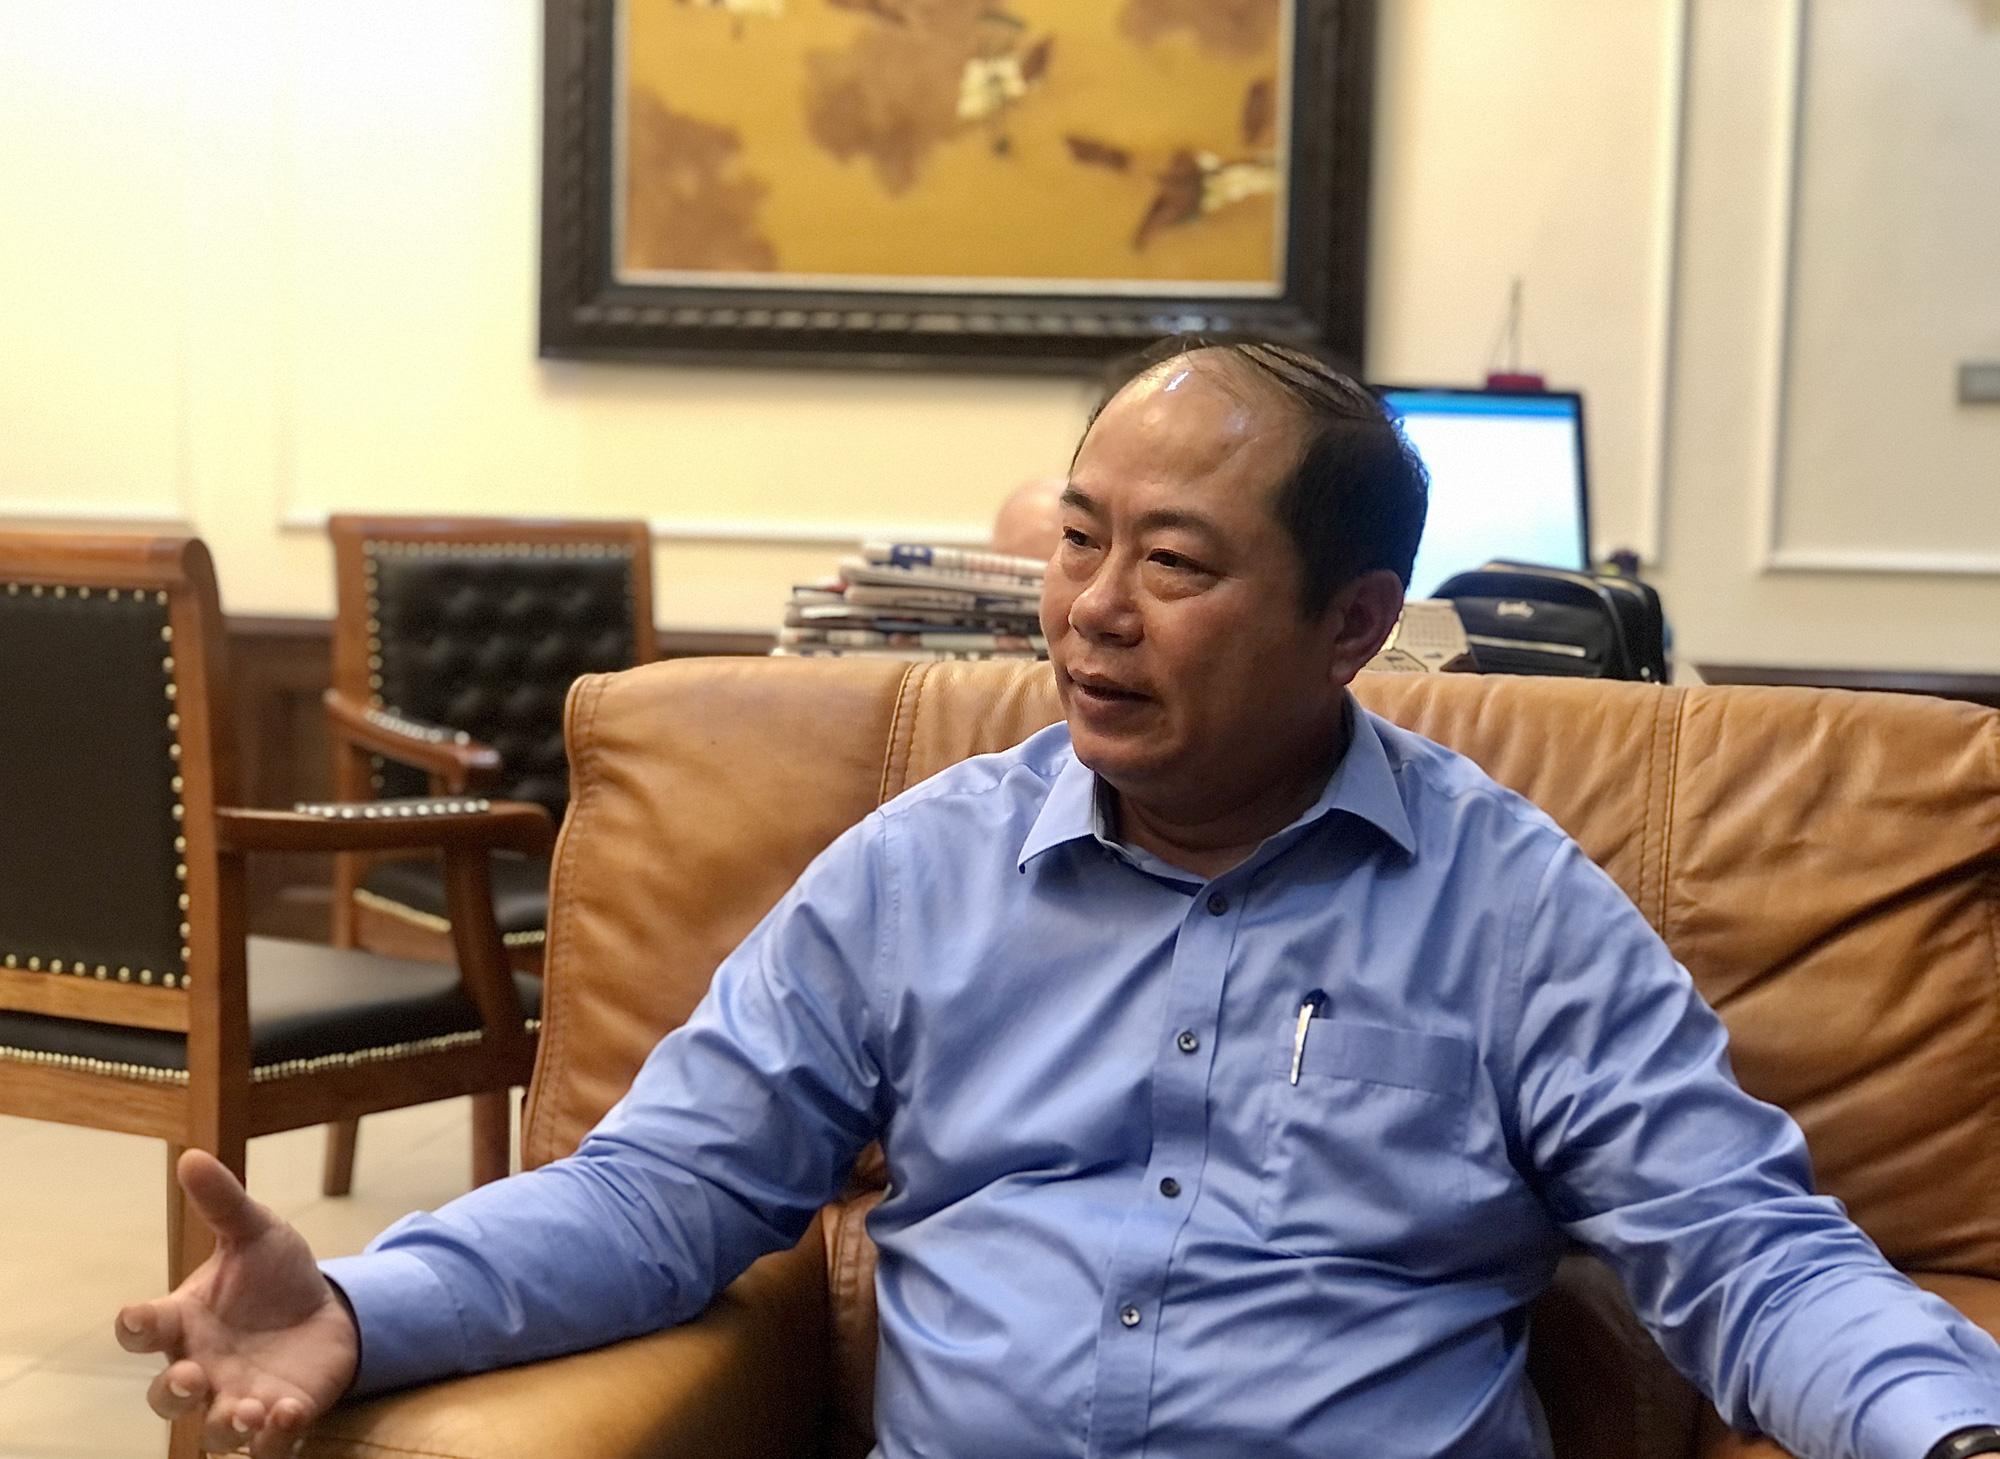 Đường sắt tốc độ cao Hà Nội - Vinh: Nếu đầu tư chắc chắn thất bại - Ảnh 2.